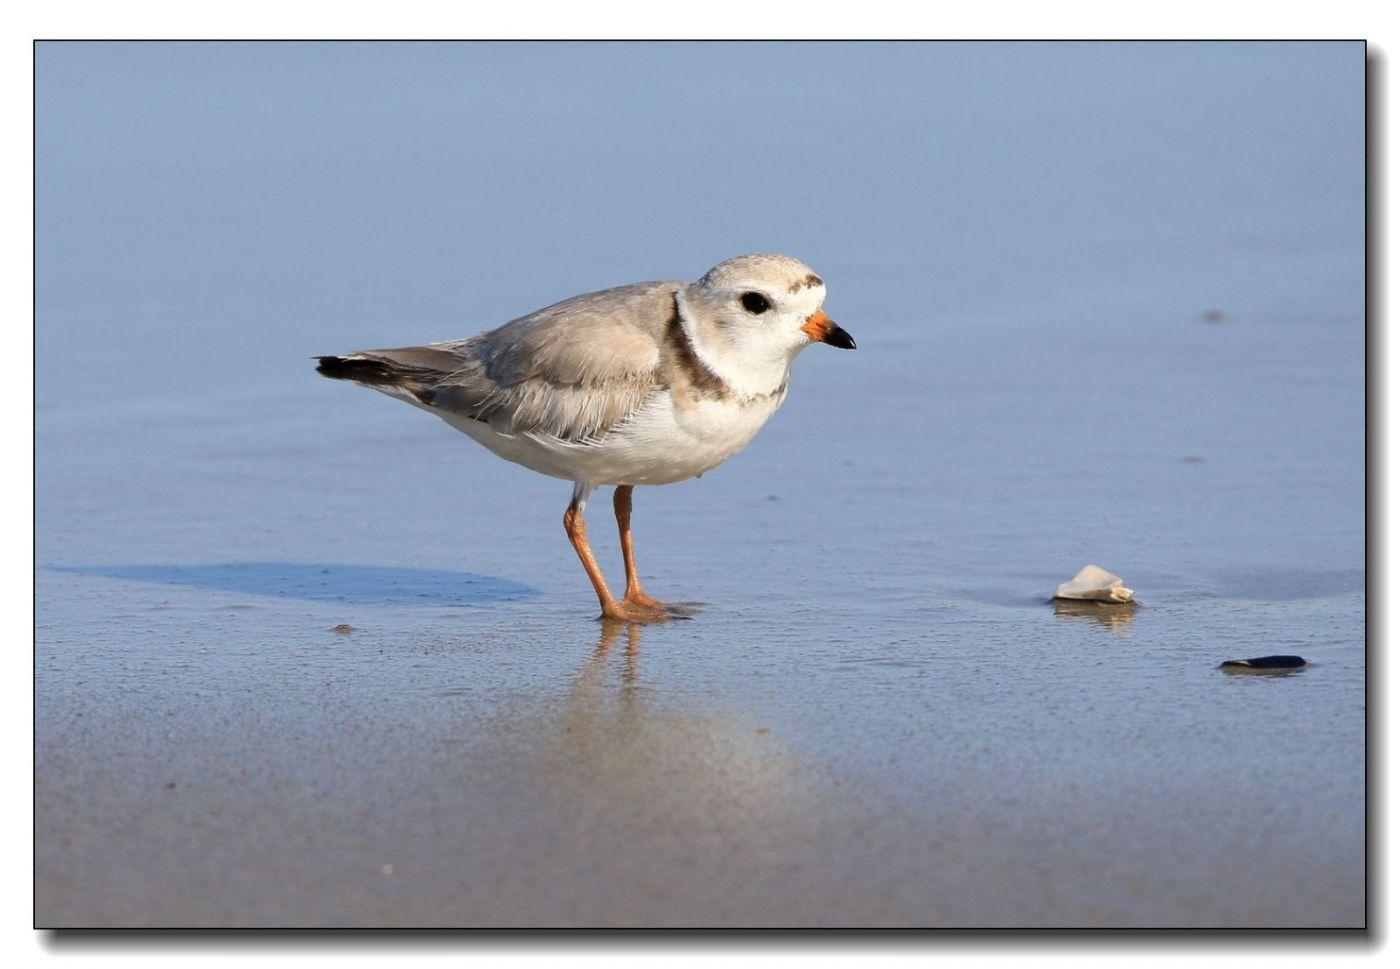 洛克威海滩拍鸟—环颈鸻_图1-12